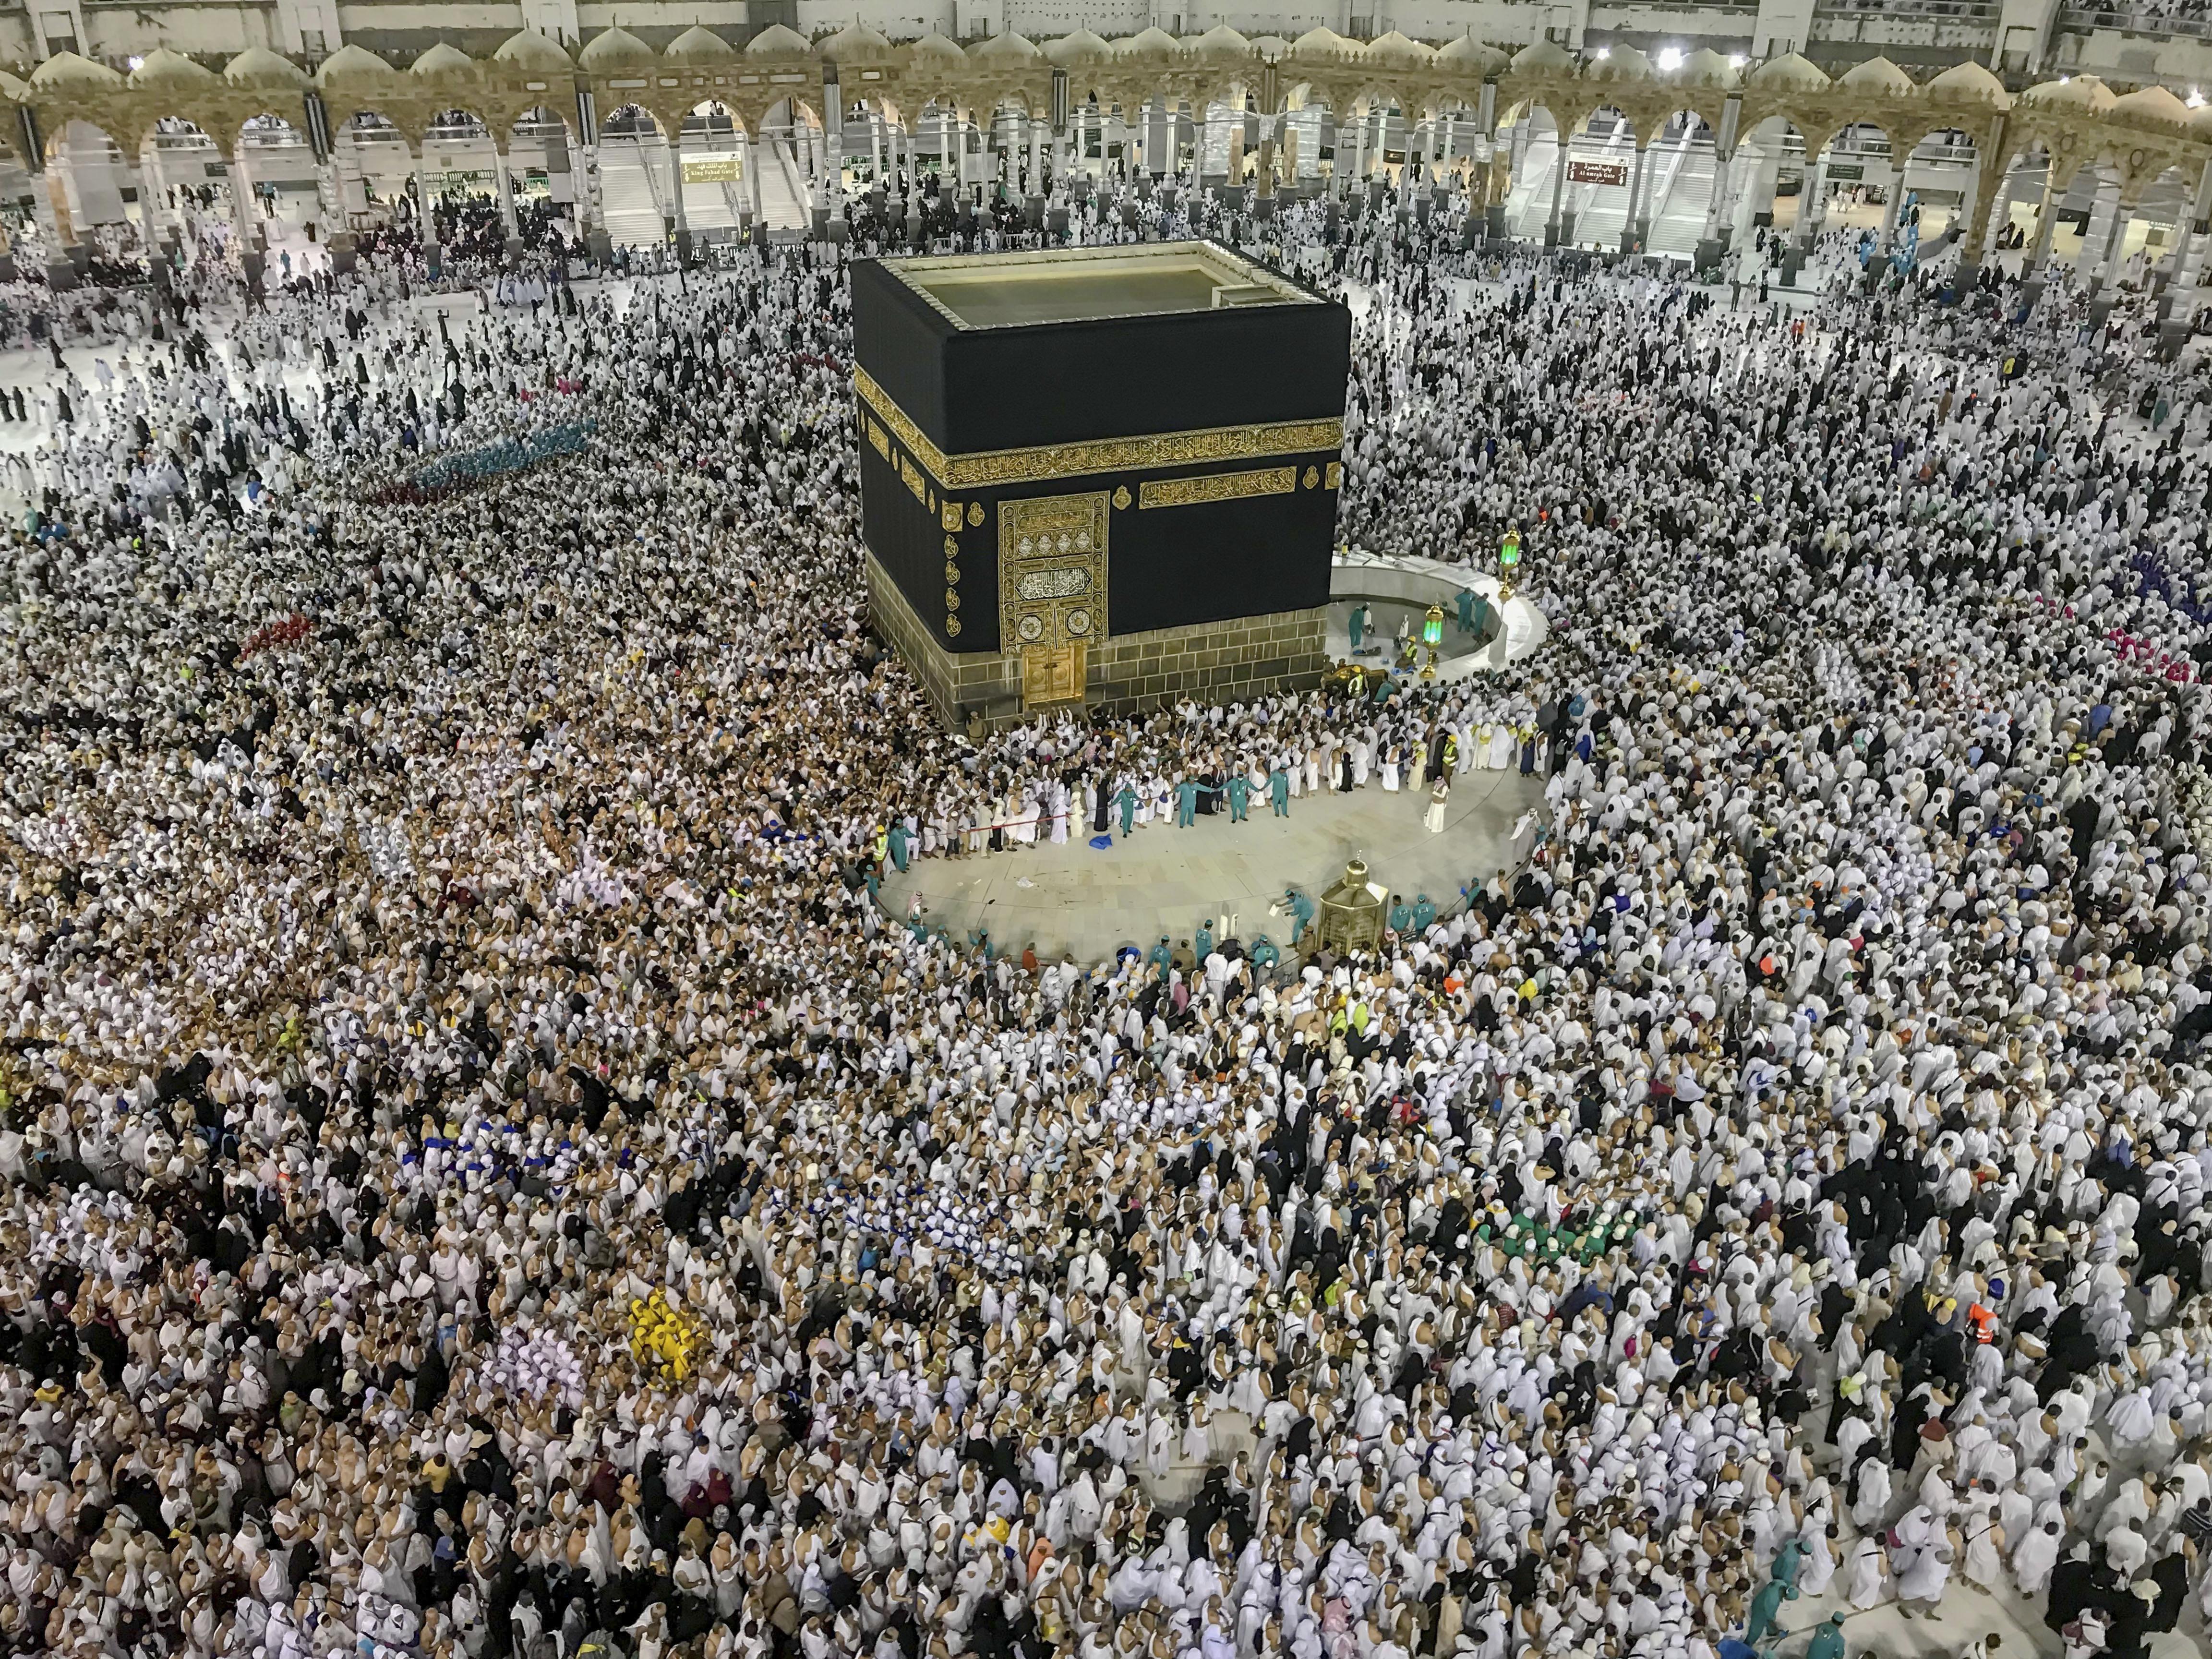 Megtartják a mekkai zarándoklatot, de nagyon korlátozott részvétellel